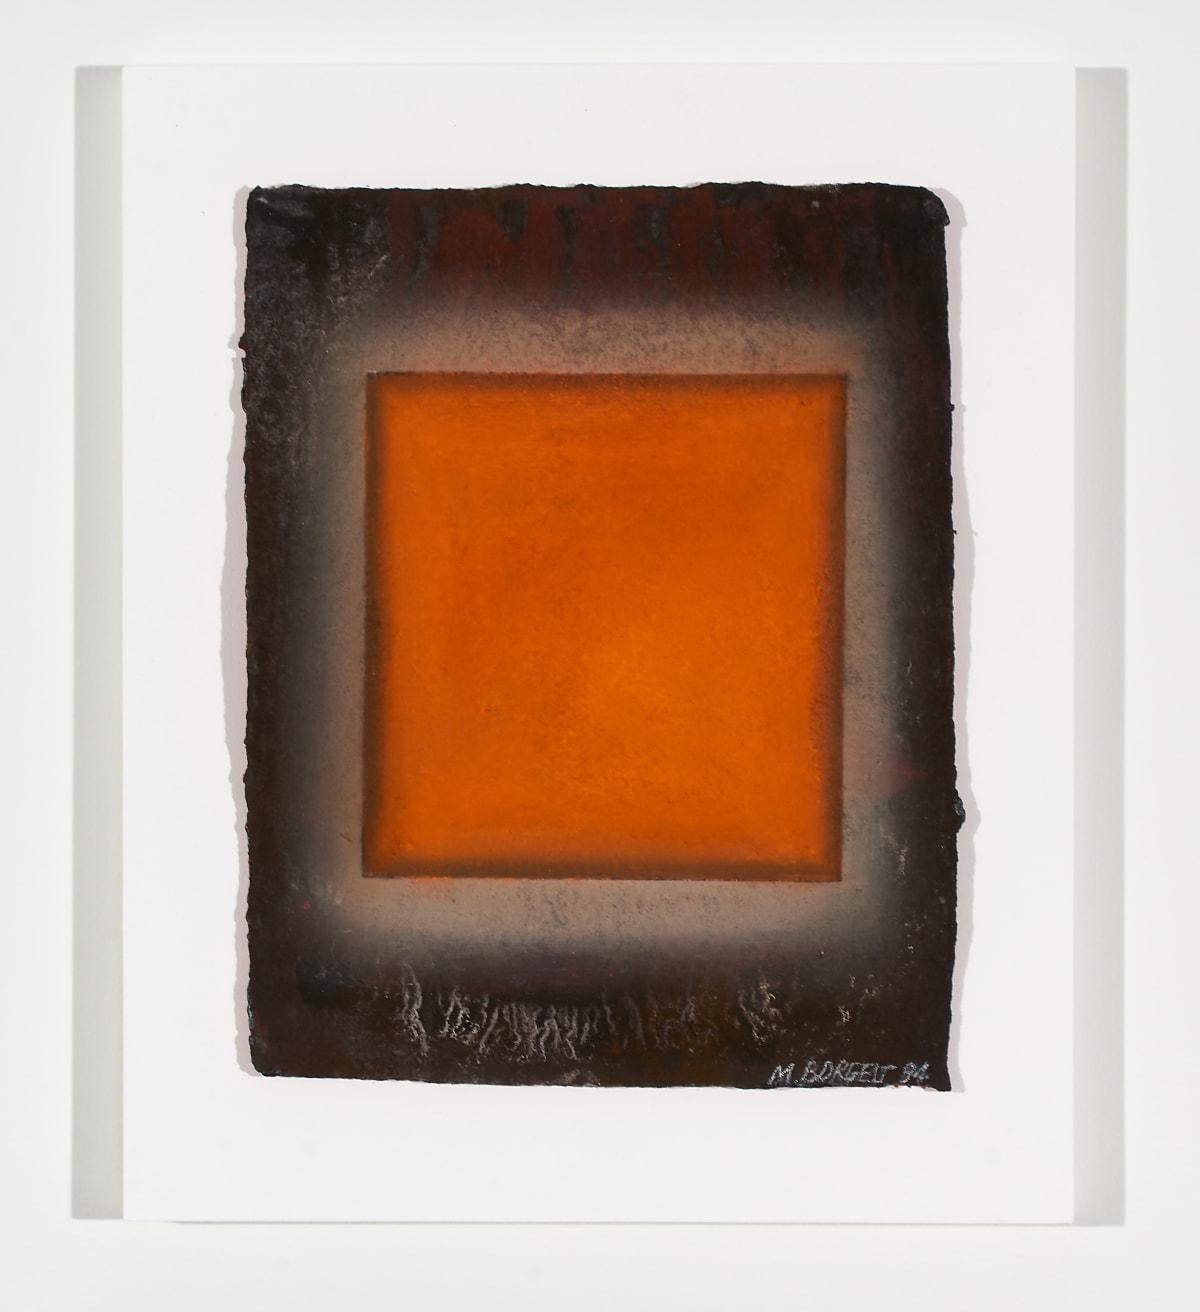 Marion Borgelt Orange Leaf: No 1, 1994 pigment on handmade paper in Perspex box 40.5 x 33.5 x 5 cm